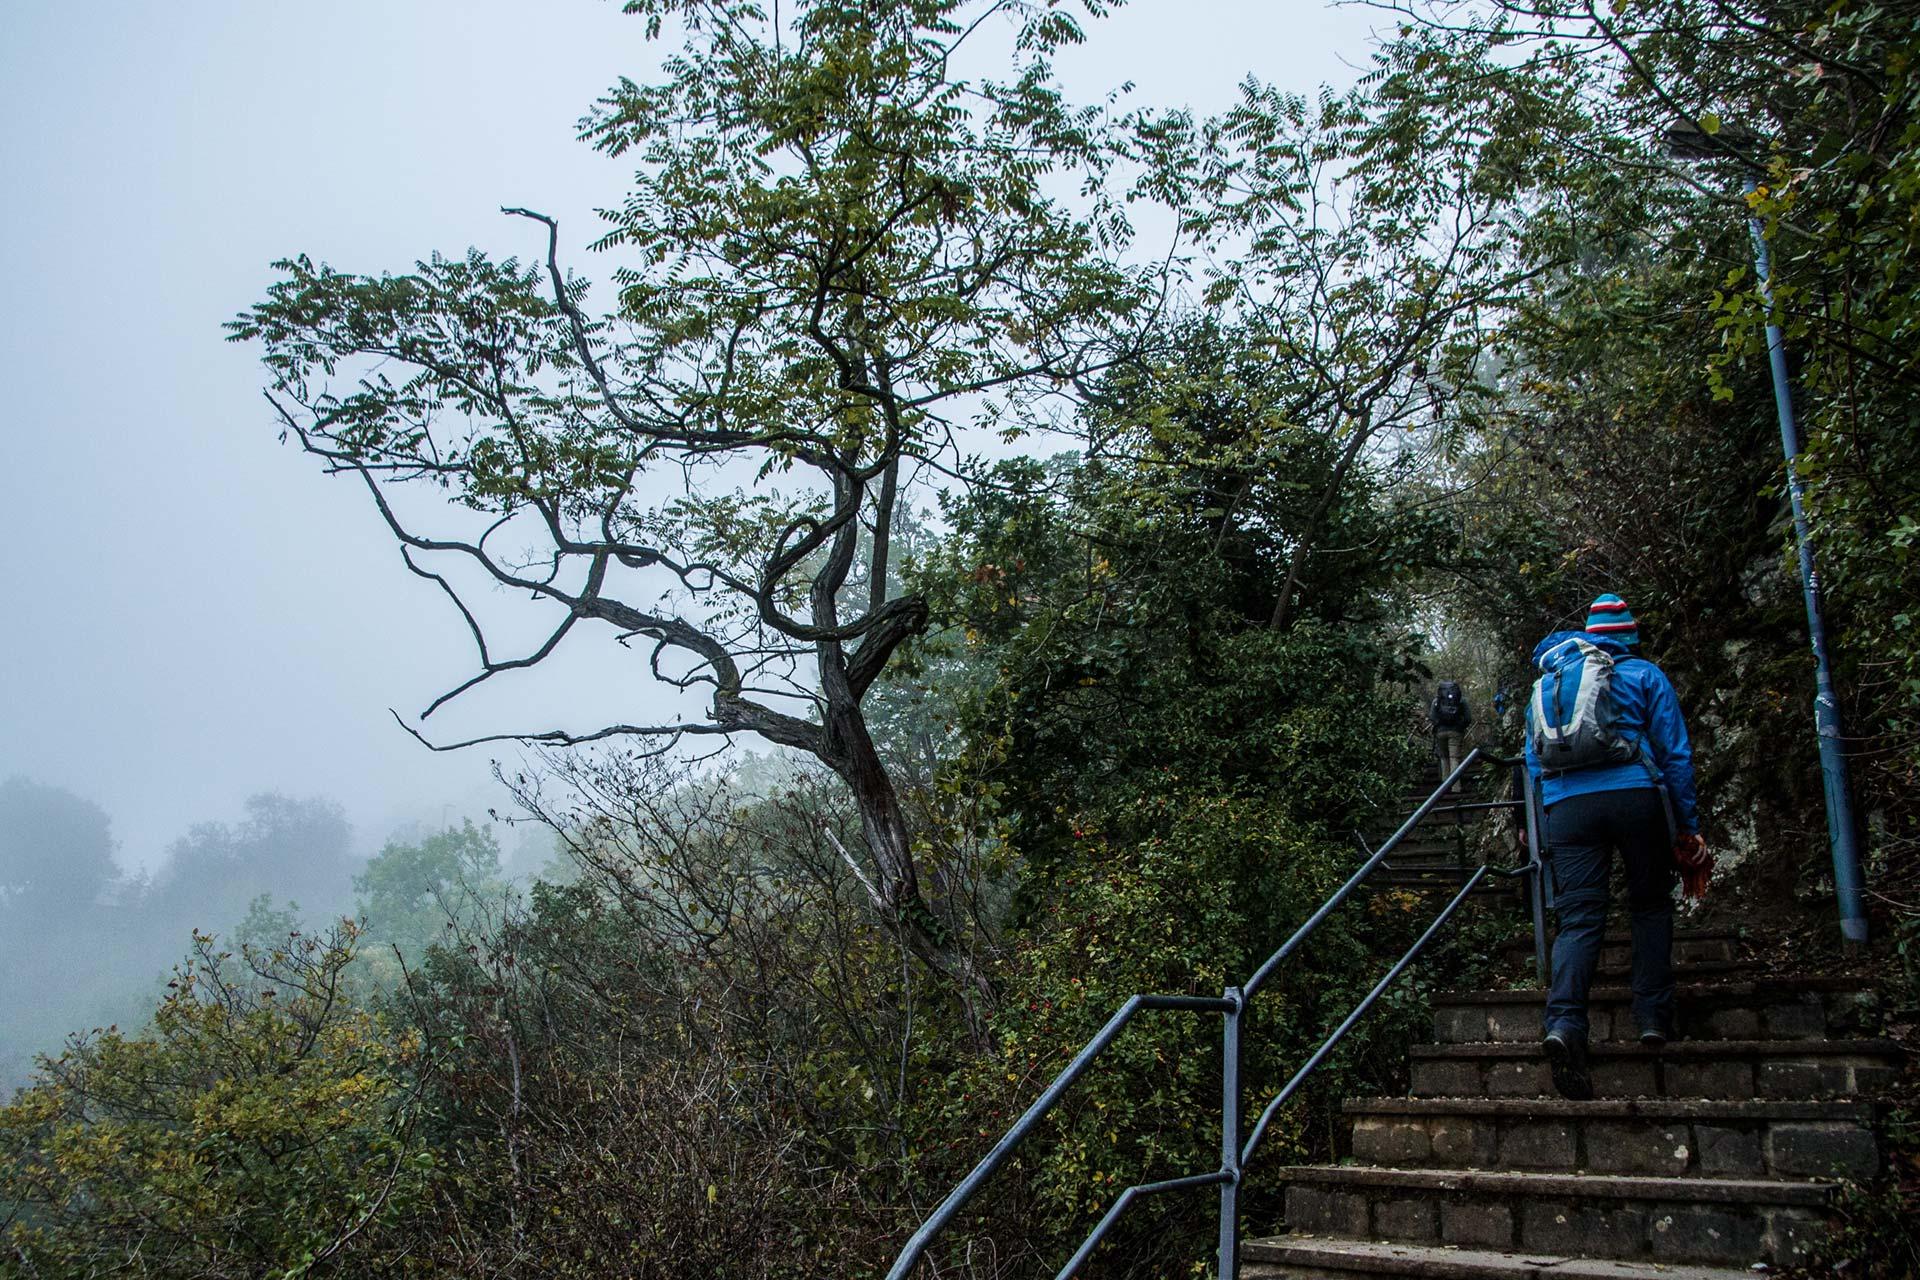 Vom Rhein führt der Weg die steilen Hänge zur Loreley hinauf. Und damit tiefer in den Nebel. Oder doch schon Wolken?